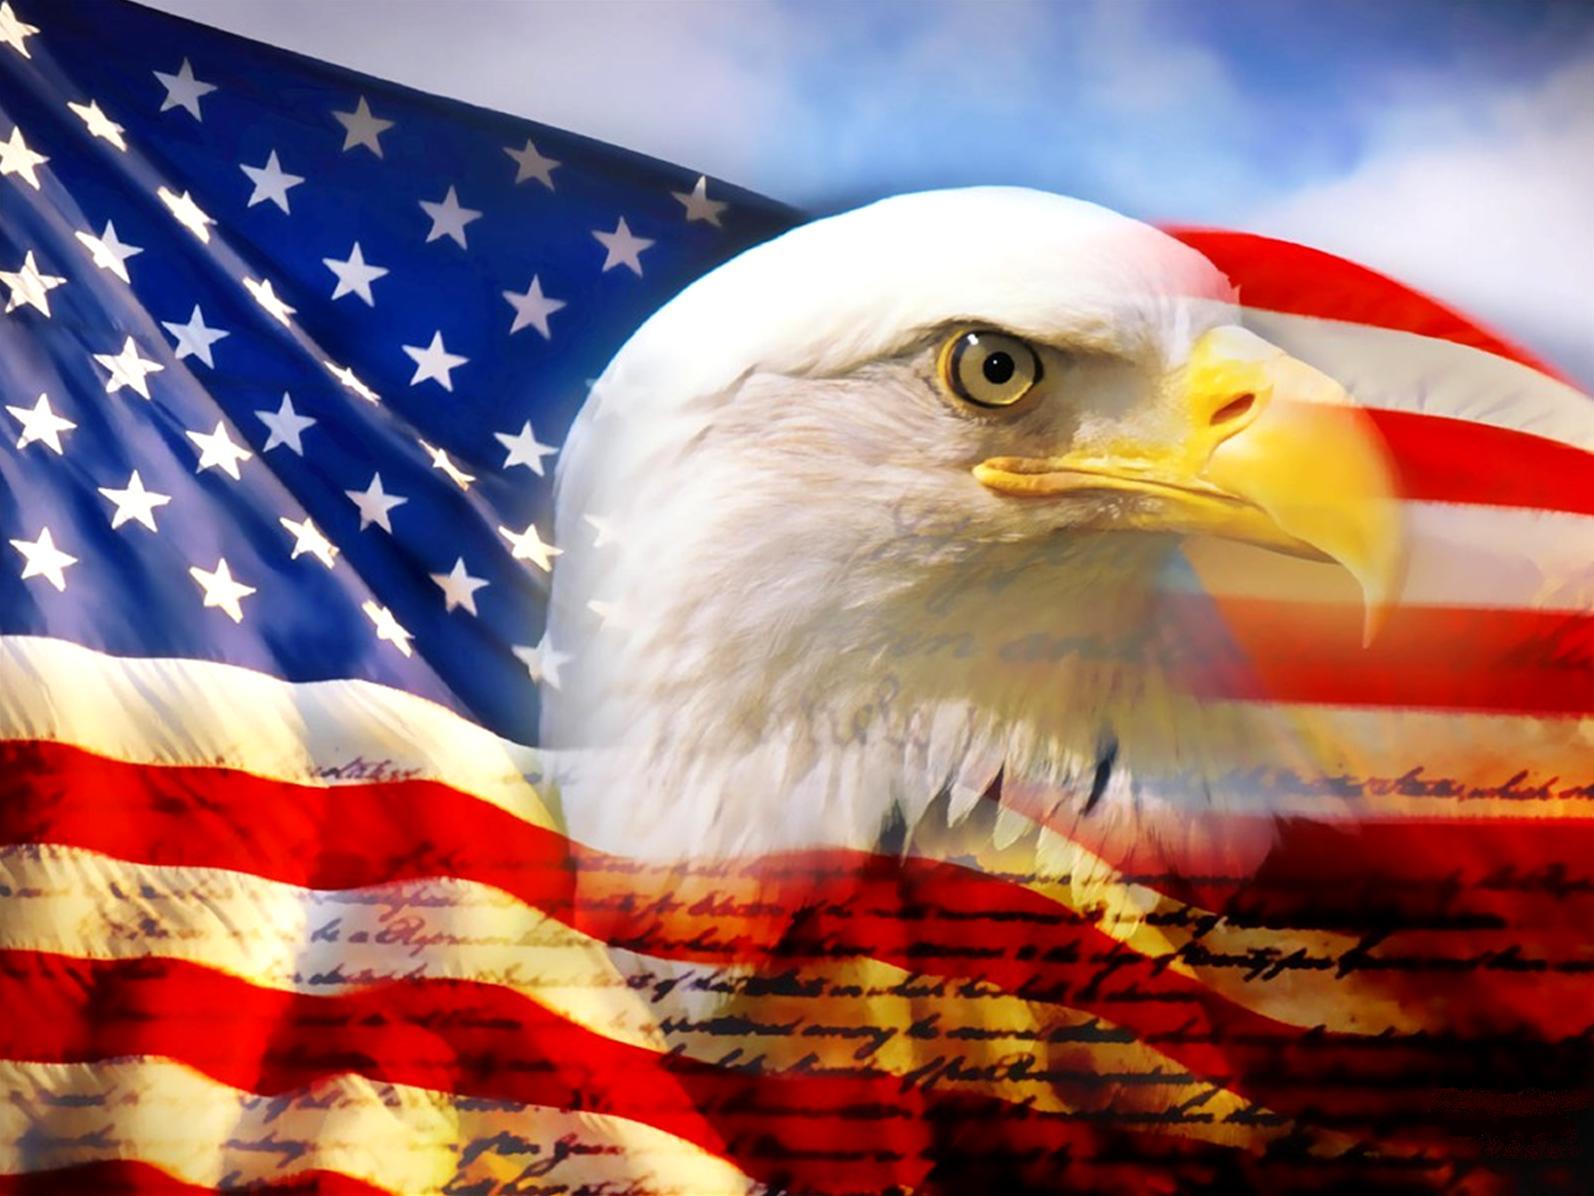 http://4.bp.blogspot.com/-QydYXxyv20I/ThIRgiC6n_I/AAAAAAAAAIQ/Tz5tL8ZE26U/s1600/bald_eagle_head_and_american_flag1.jpg